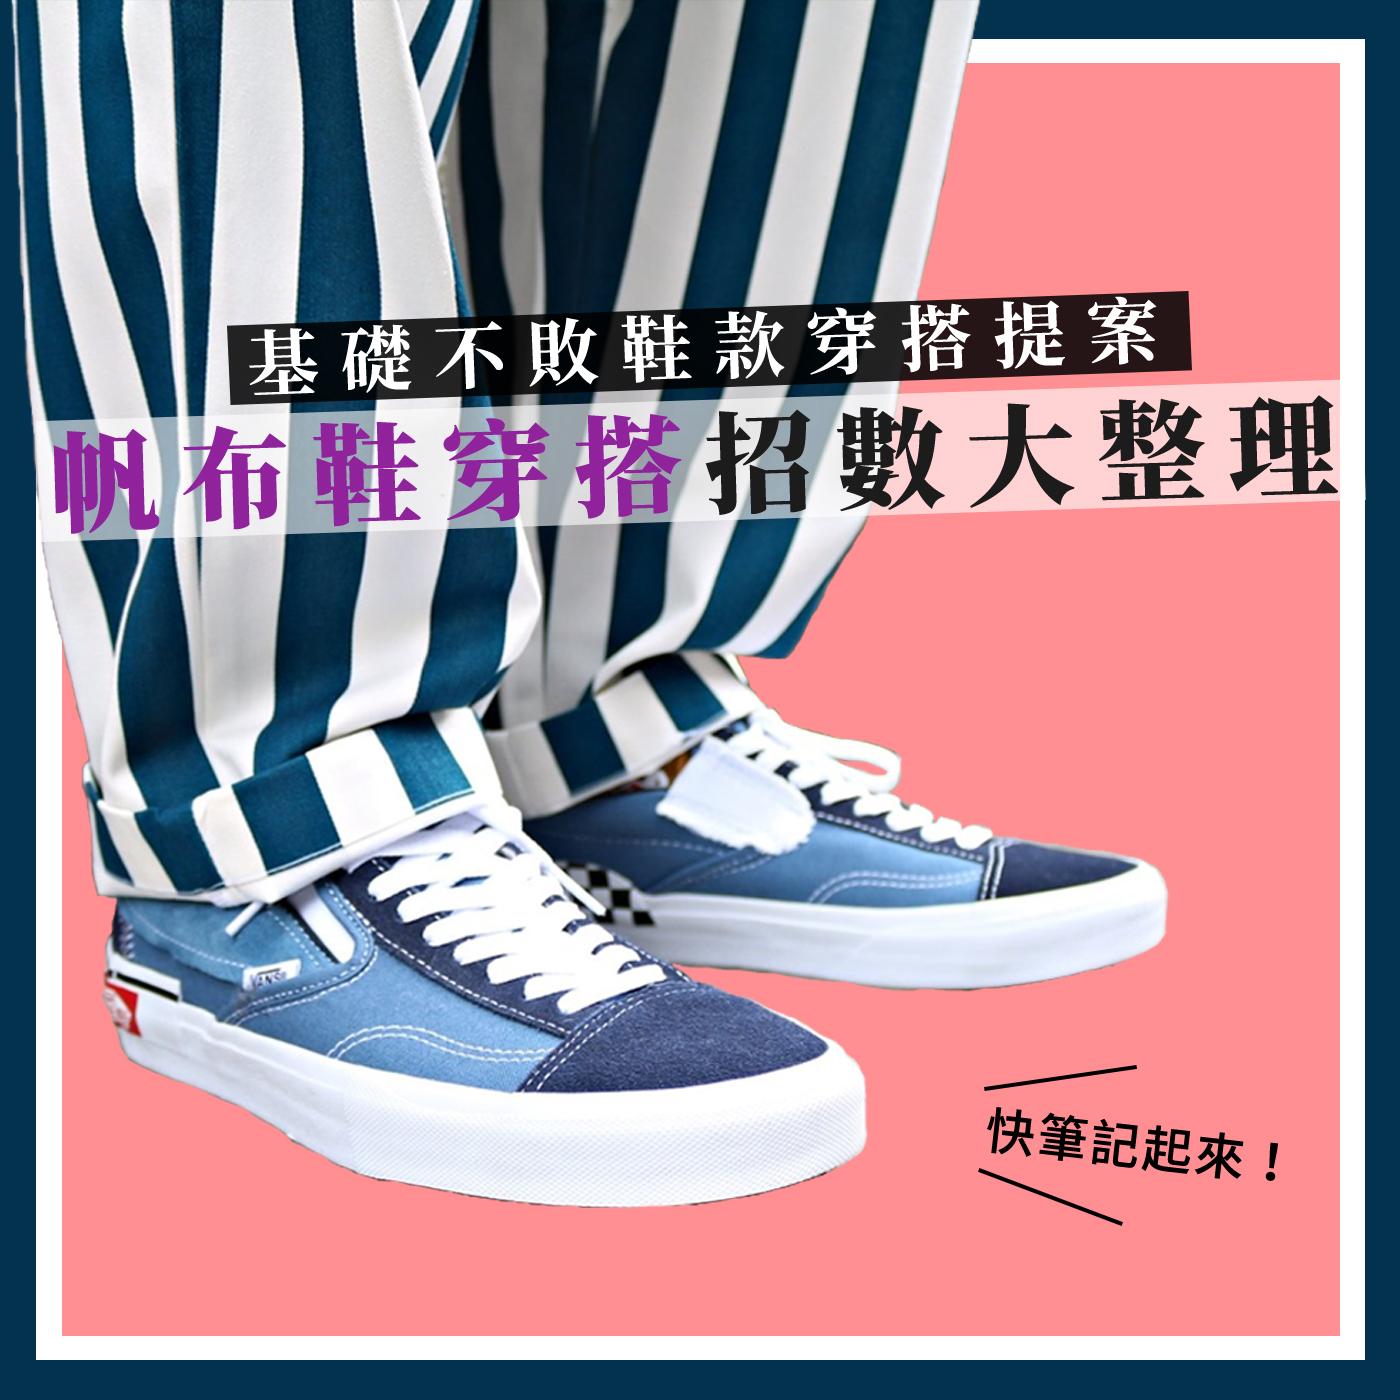 帆布鞋,帆布鞋穿搭,帆布鞋品牌,帆布鞋推薦,帆布鞋 鞋帶,休閒鞋,converse,布鞋,懶人鞋,滑板鞋,vans,RFW,匡威